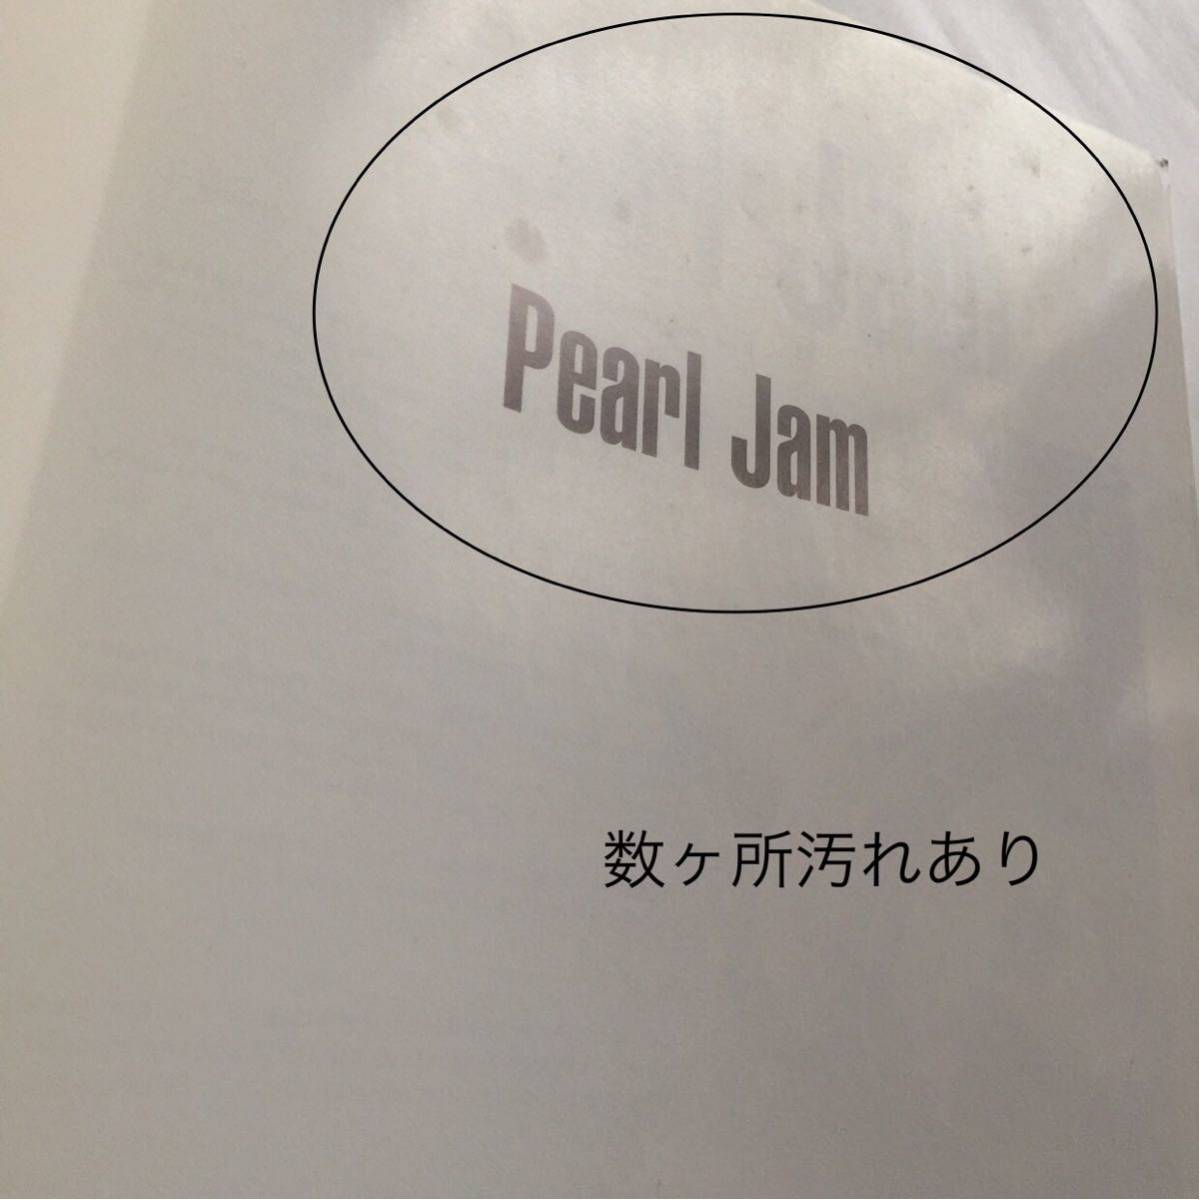 【絶版・貴重・初版】Pearl Jam/ パールジャム The Illustrated Story/シアトル発、世界制覇!その栄光と苦悩 1996年 本 日本語 当時物_画像7